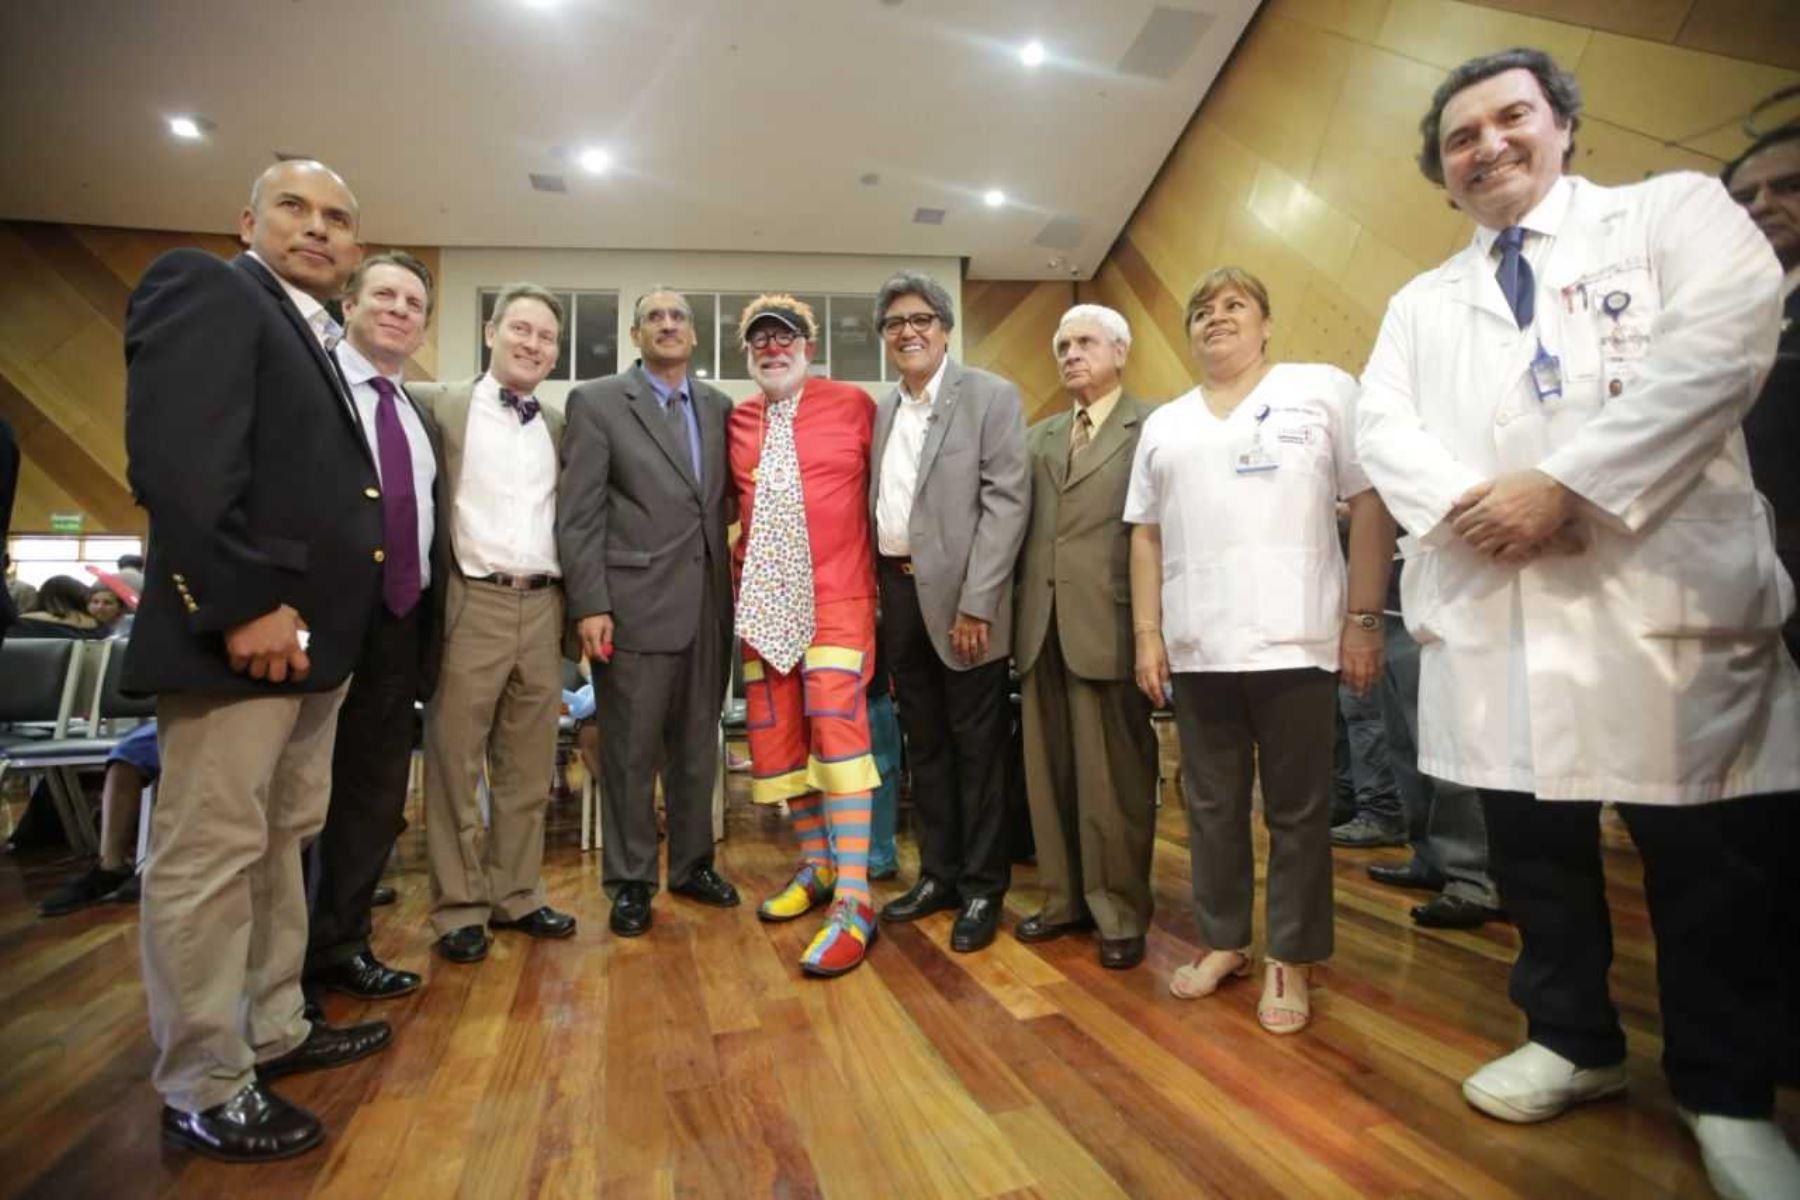 Ministro Salinas destaca apoyo de médicos norteamericanos en cirugías reconstructivas